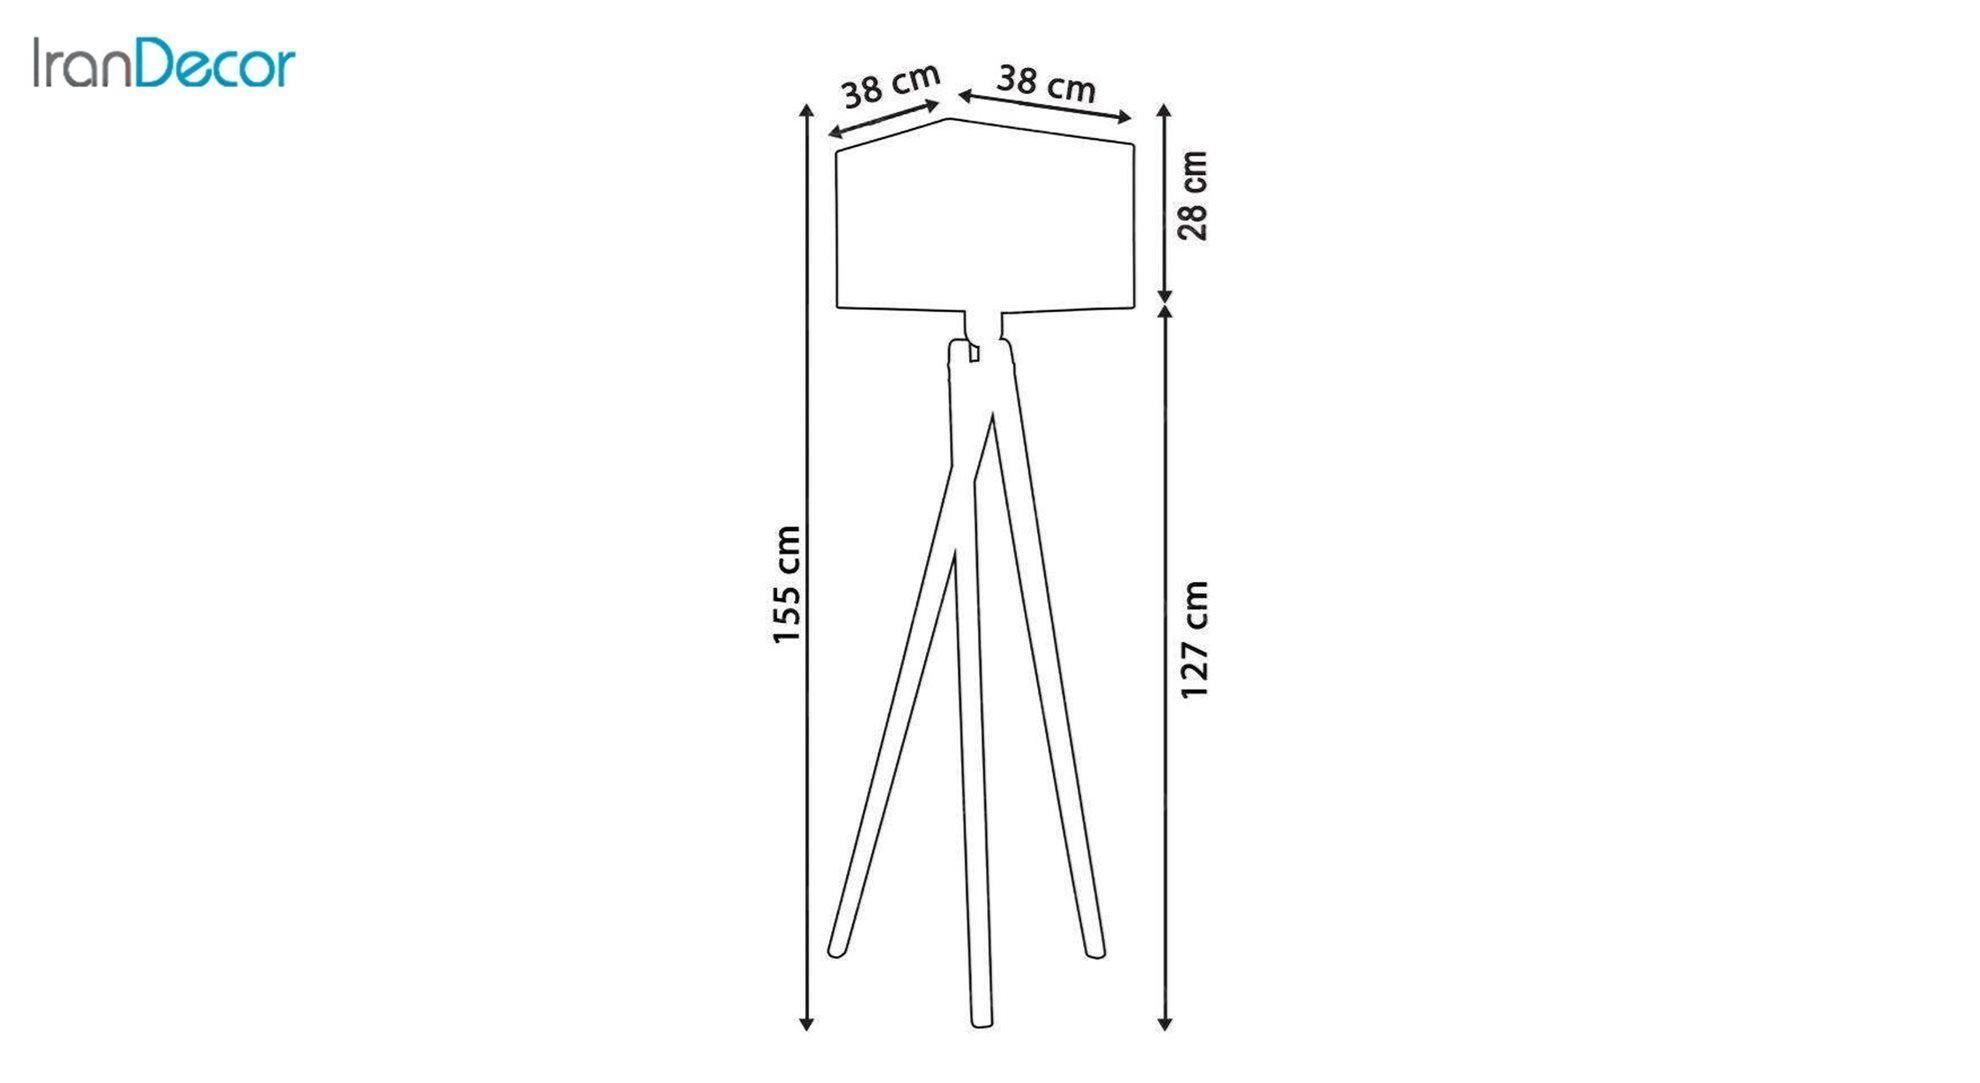 آباژور ایستاده چوبی مدل آرام ML7028/22 جزئیات